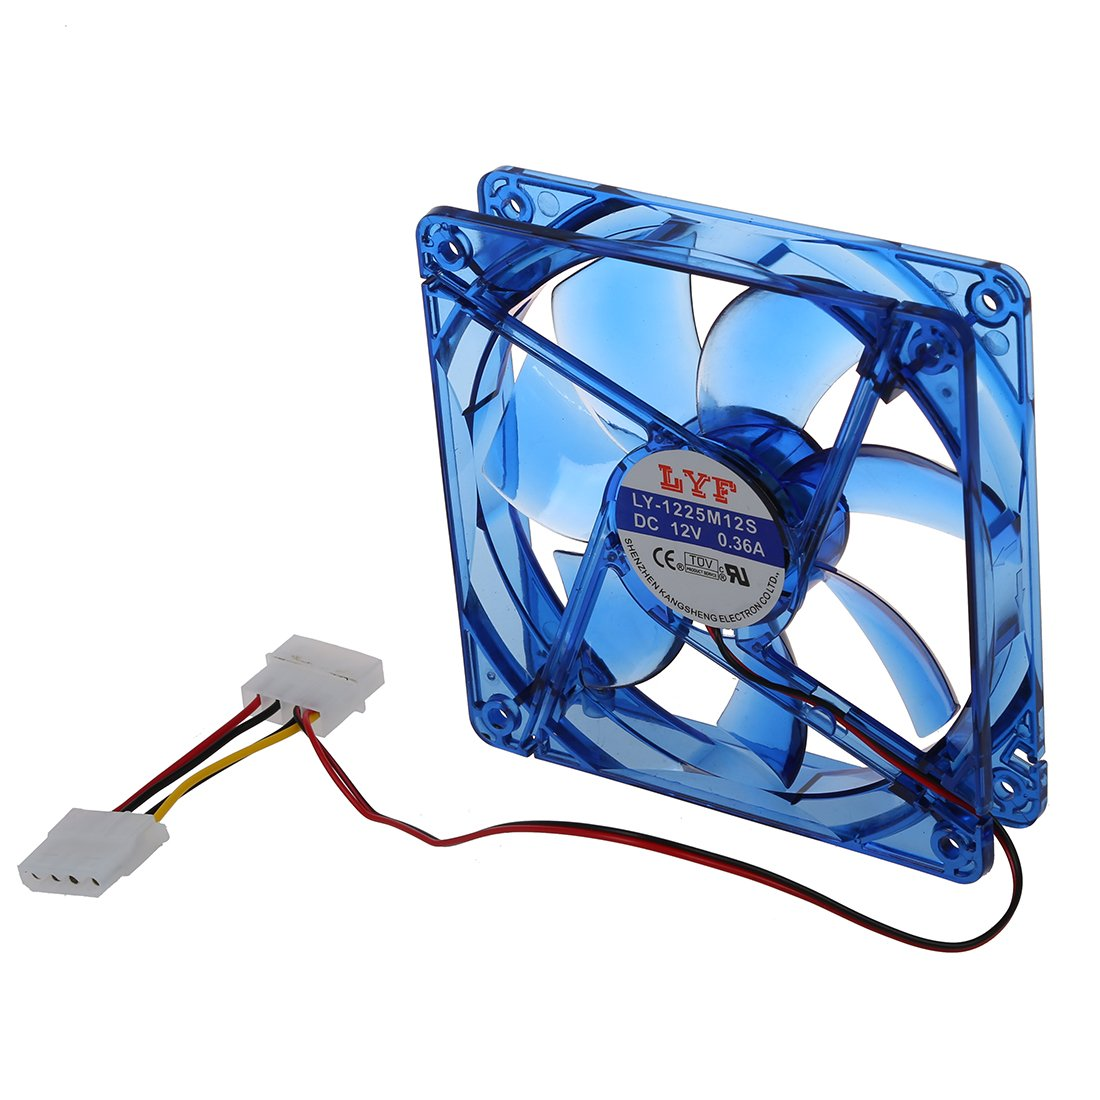 TOOGOO DC 12V 4 Pines 4 azul LED PC Ventilador de refrigeracion de caja de ordenador PC 120mm x 25mm R Ventilador de refrigeracion